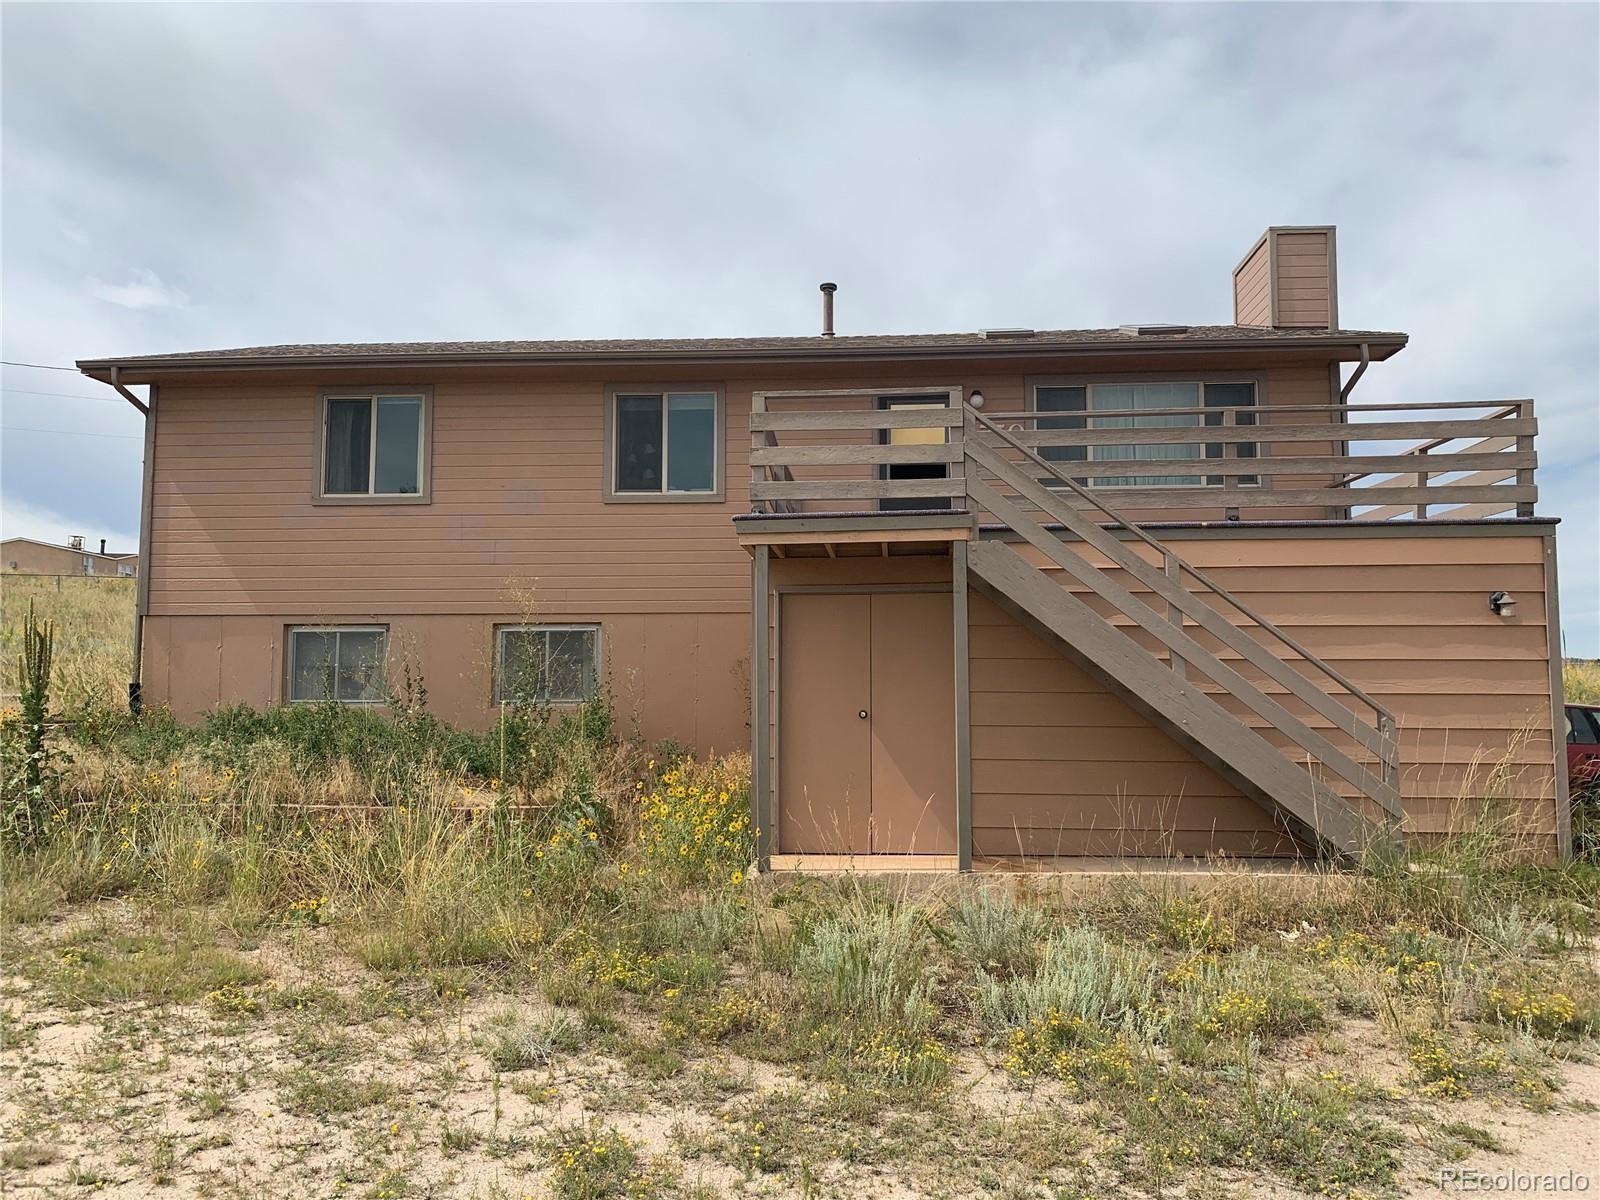 6750  Foxtrot Lane, Colorado Springs, CO 80924 - #: 2137222